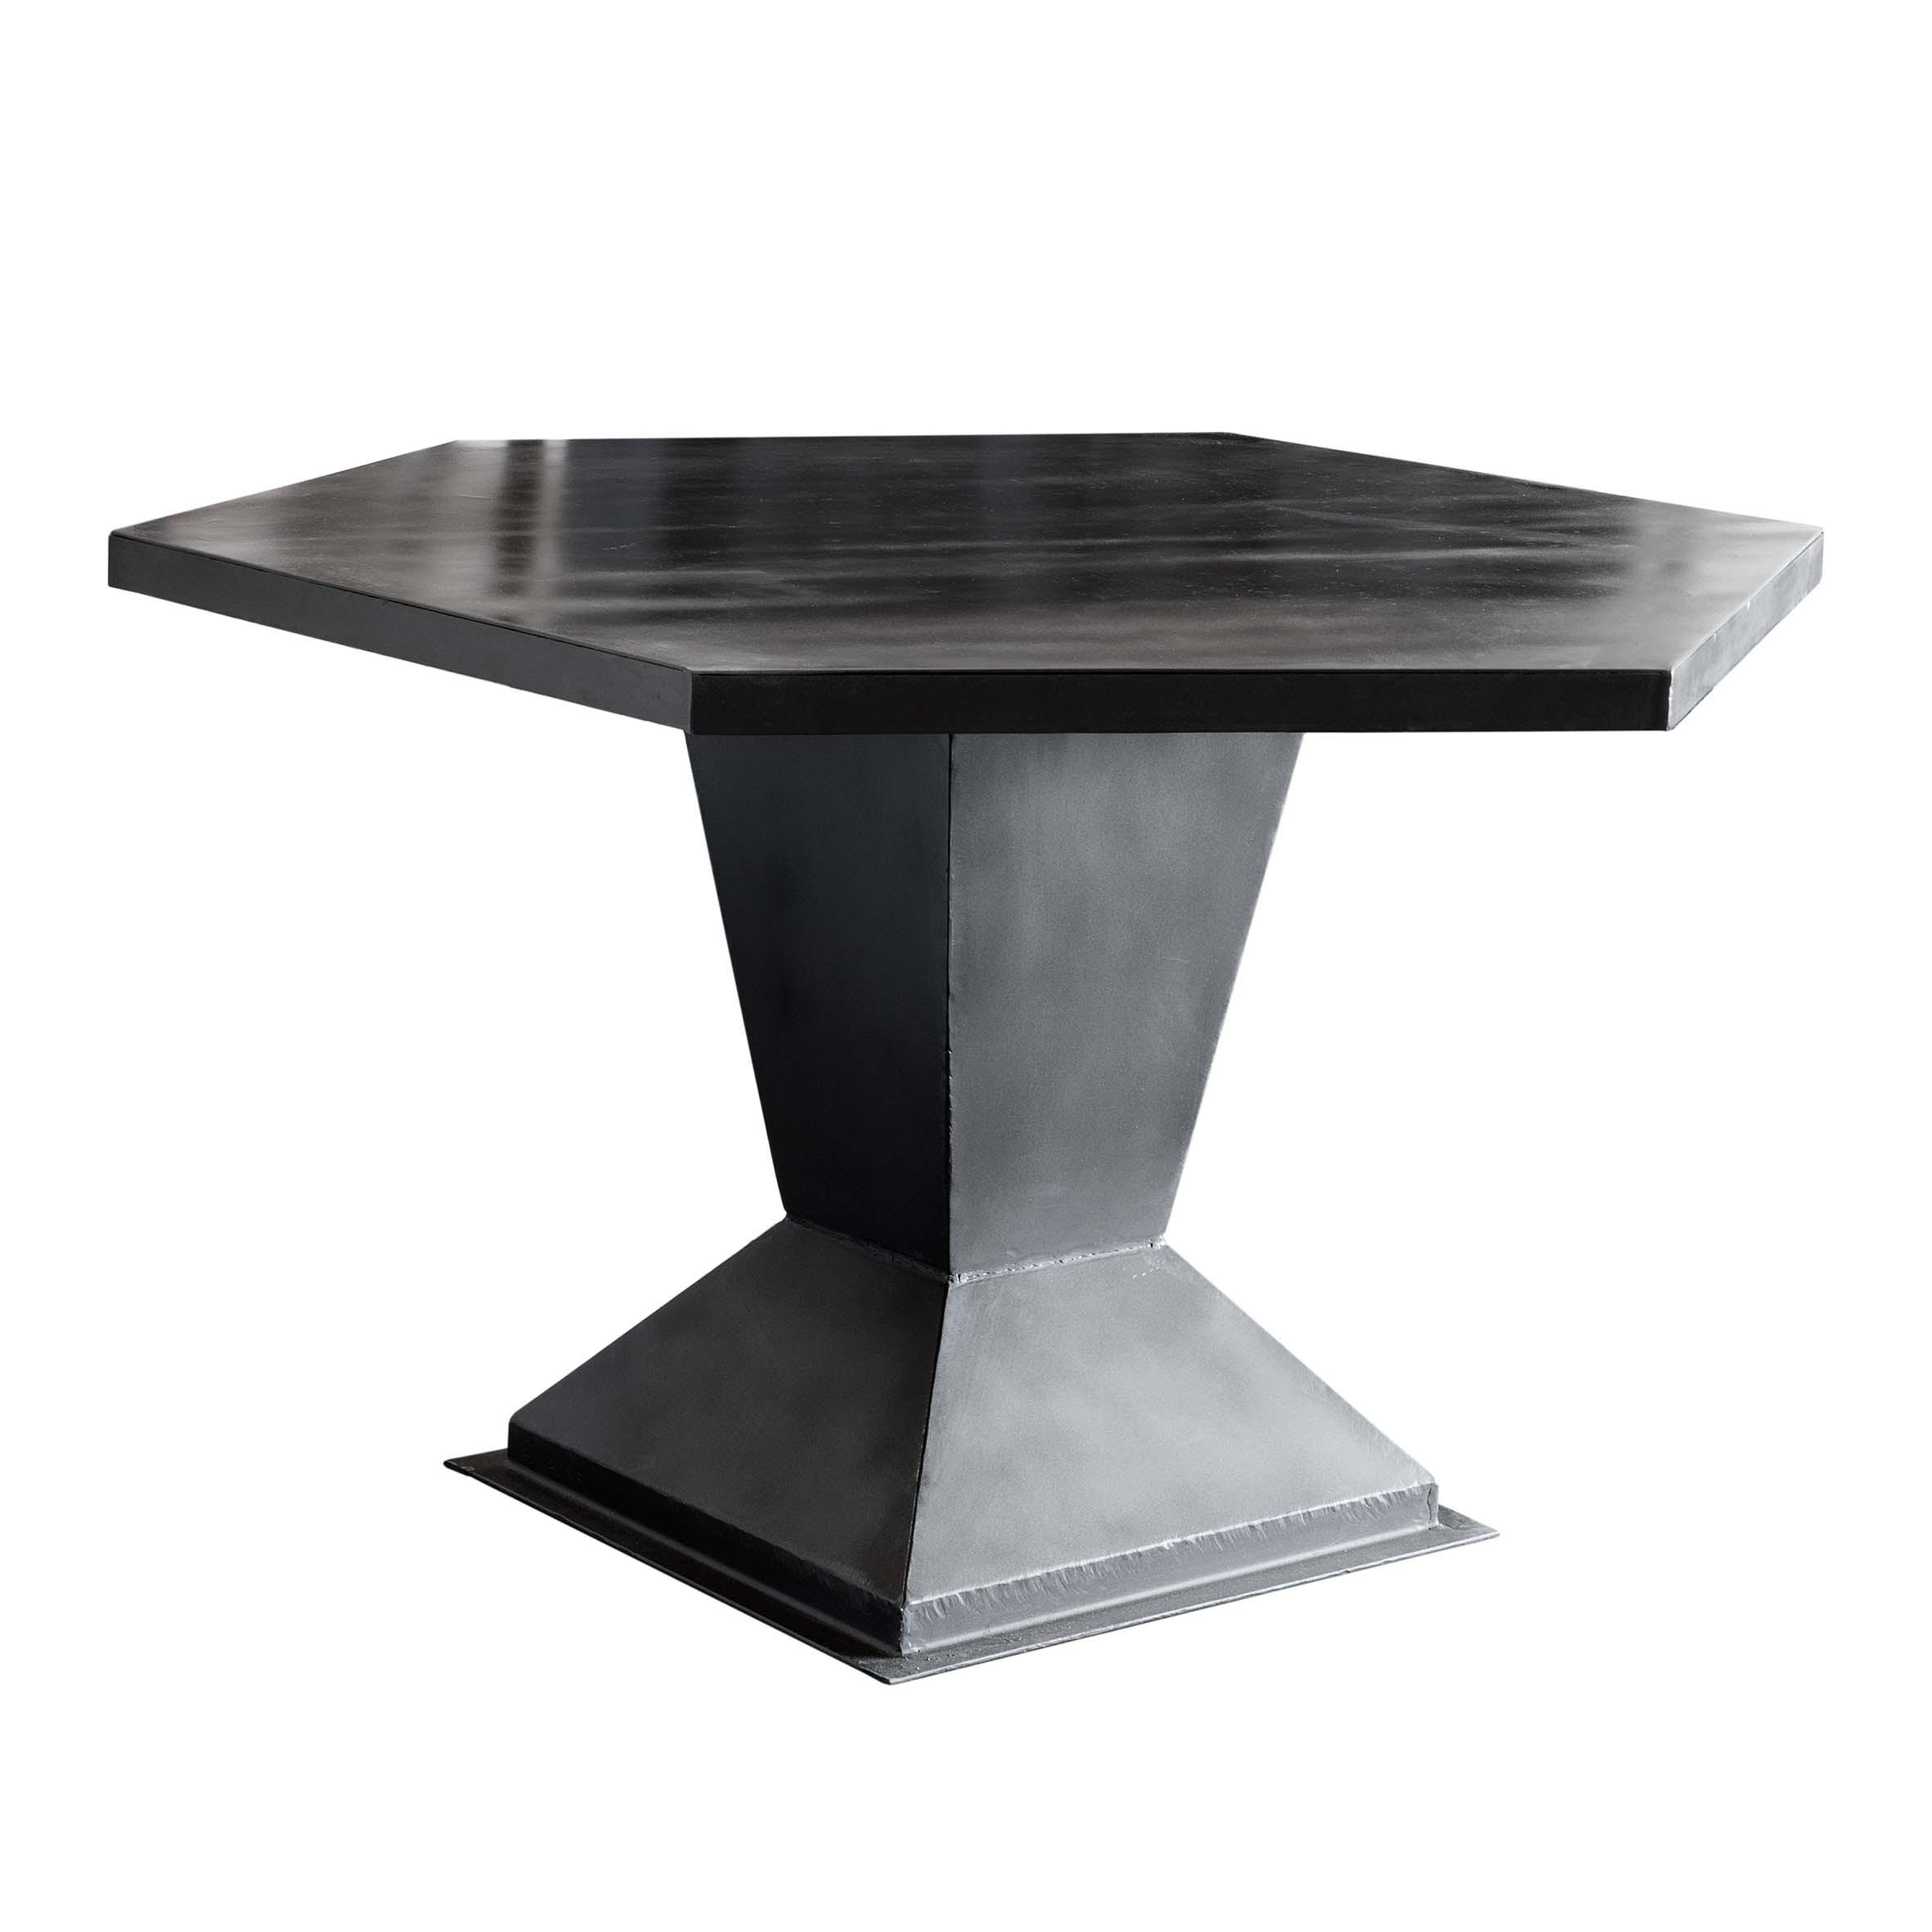 Mesa comedor negra excellent mesa paladio cubierta nogal for Comedor hexagonal